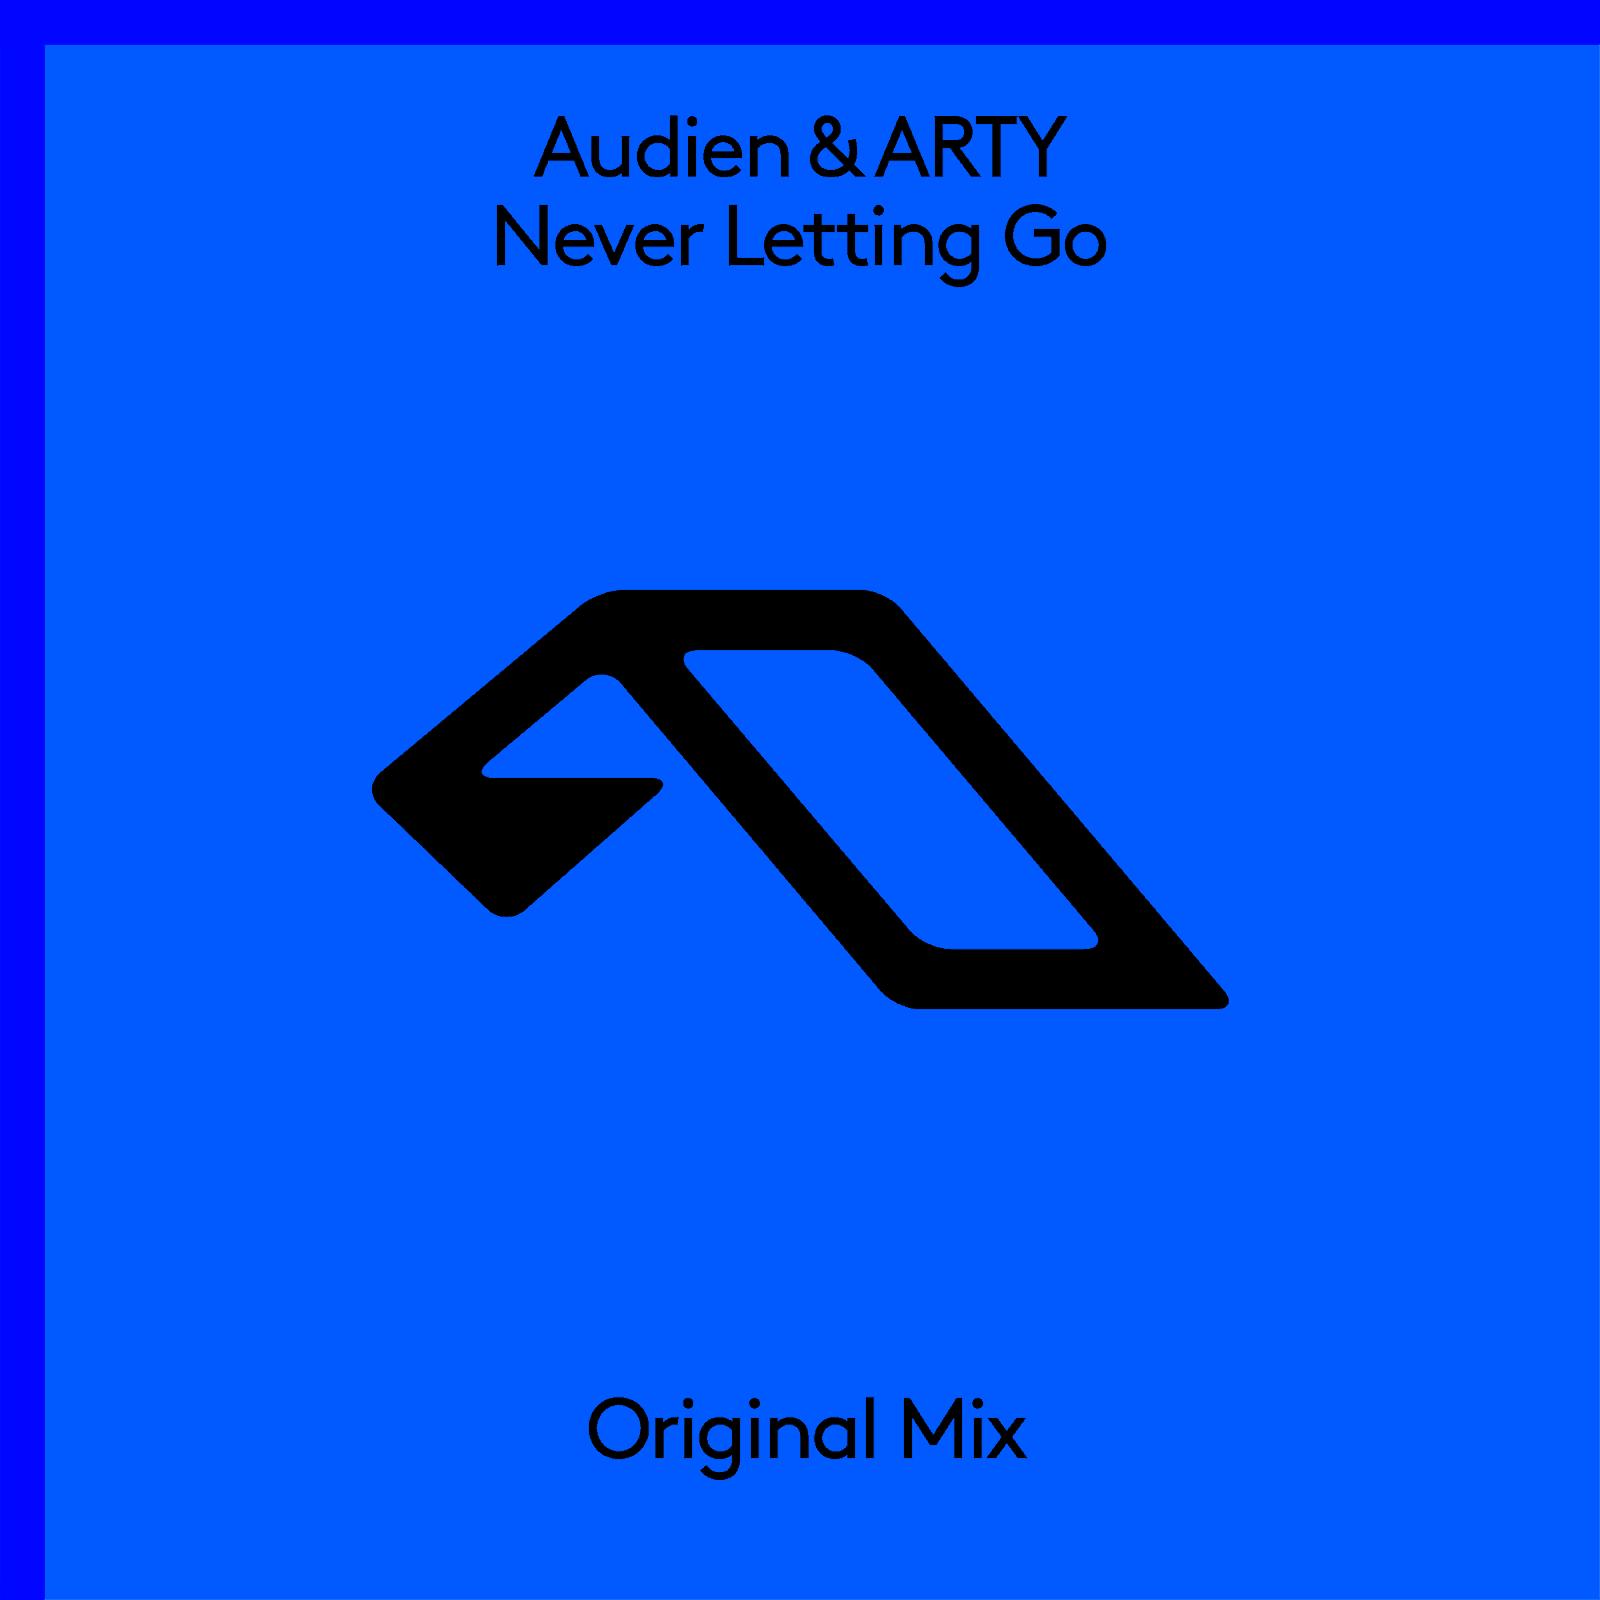 Audien & Arty